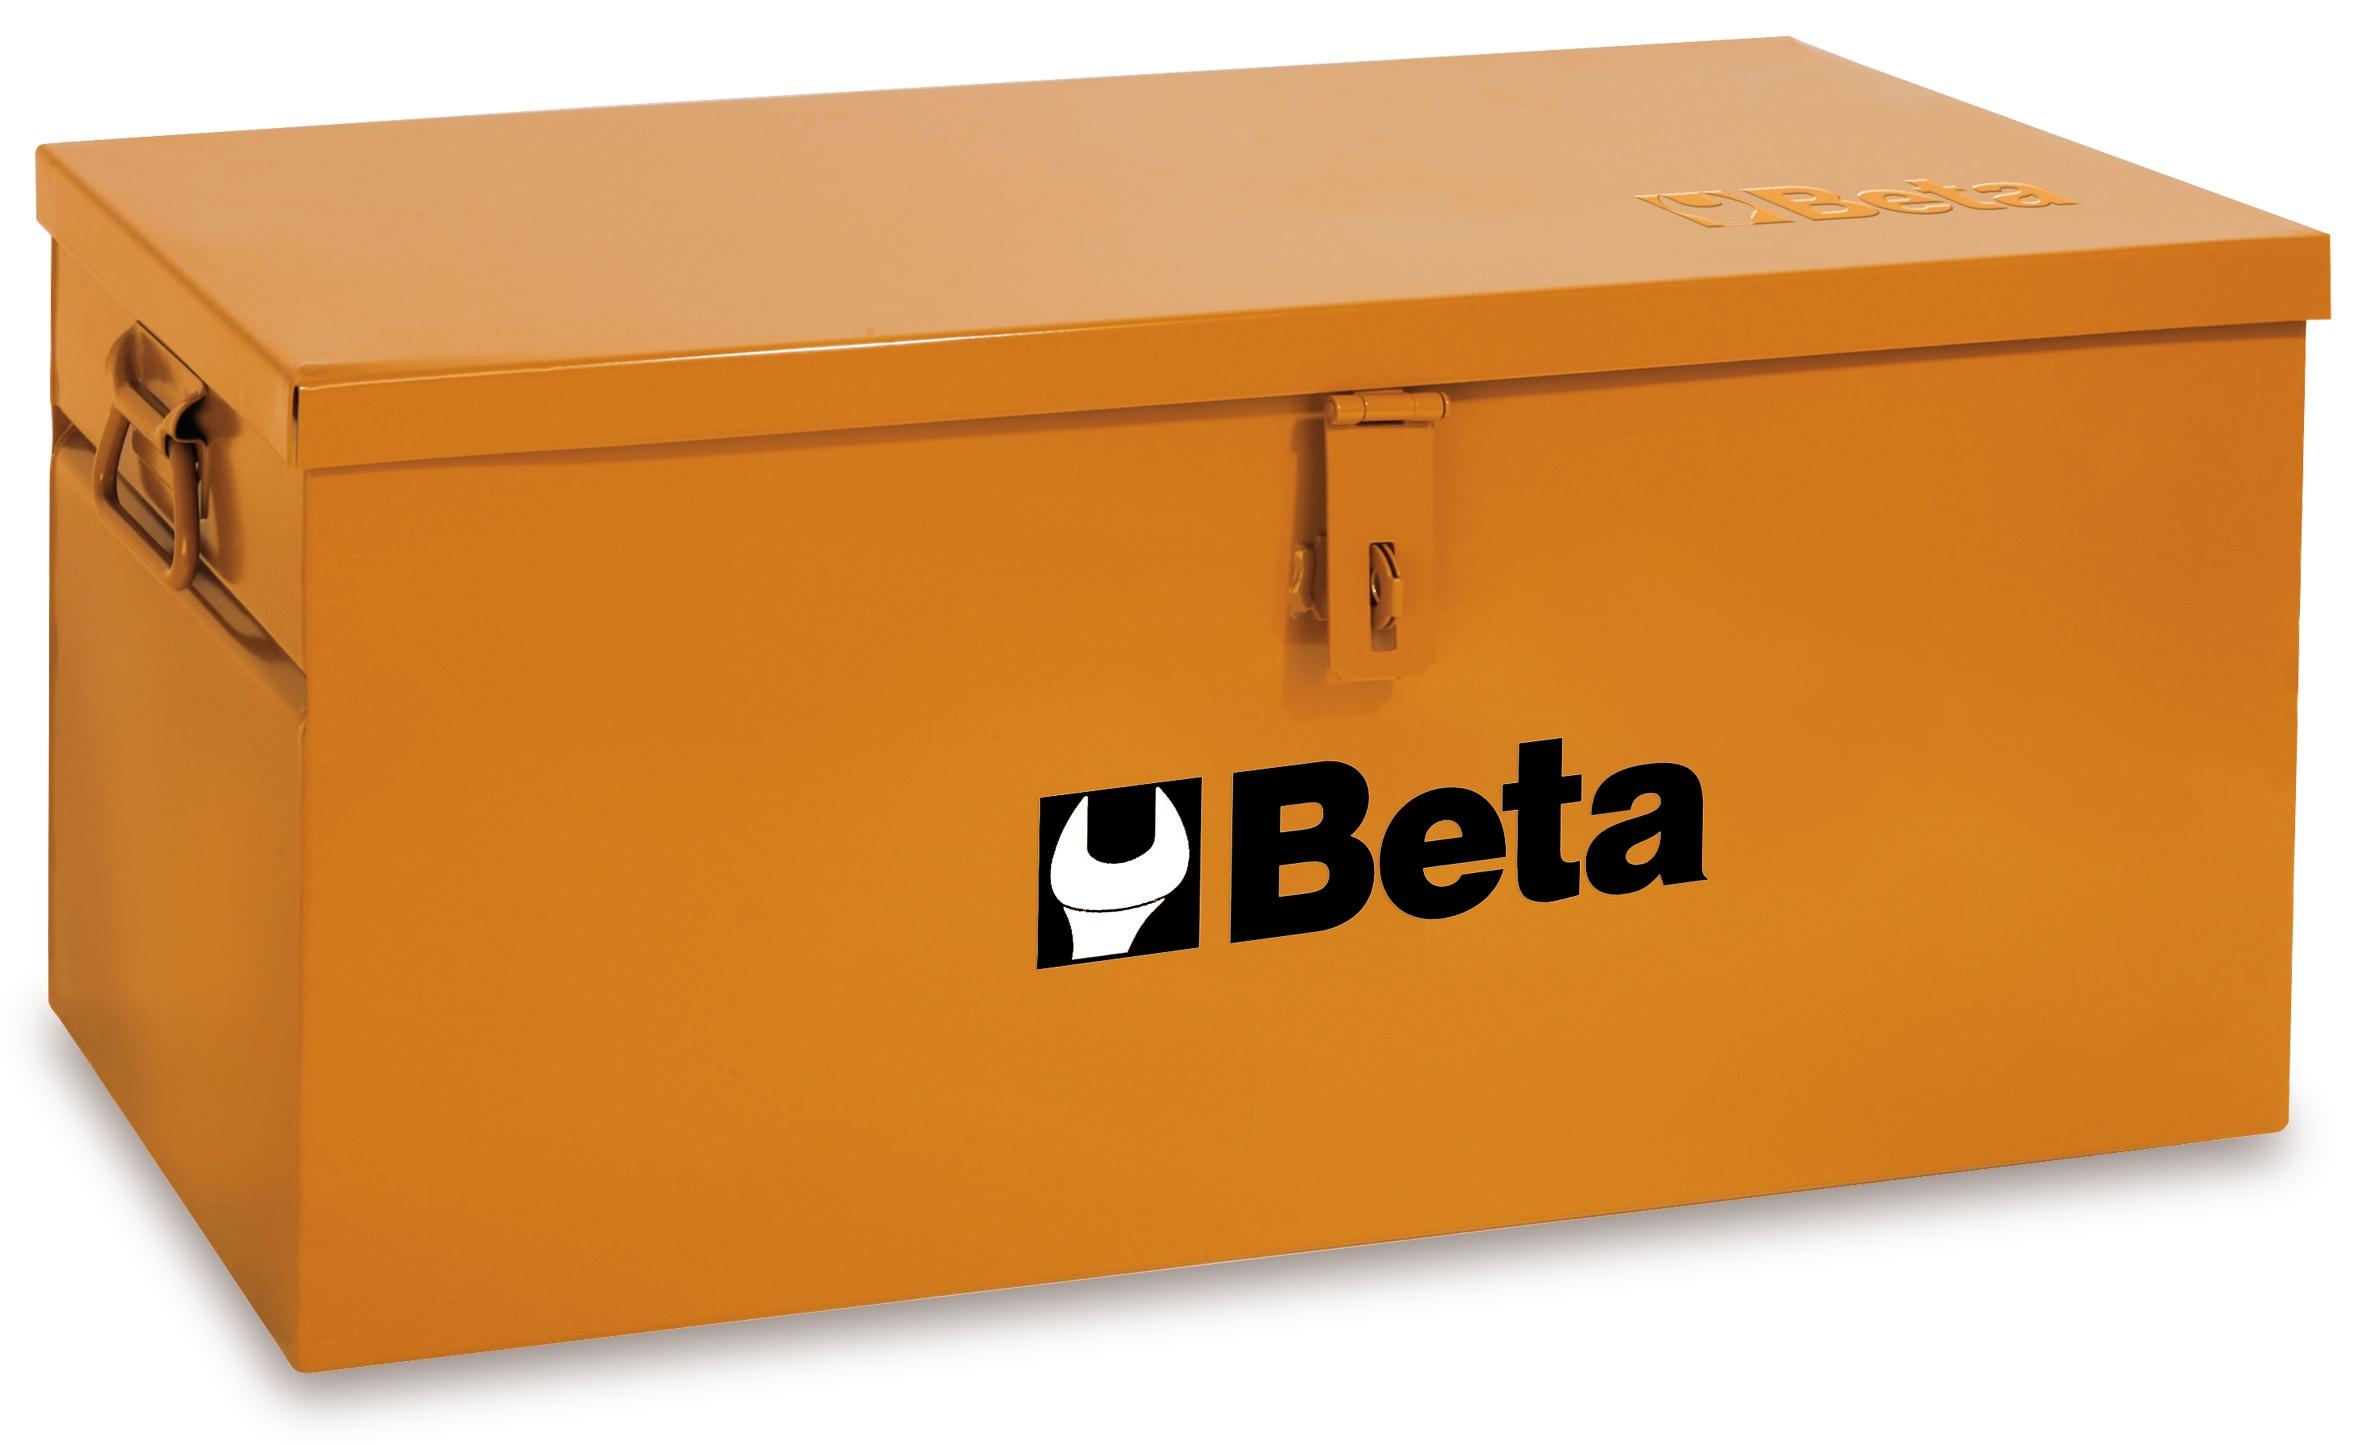 Bauli C22B - BETA Utensili